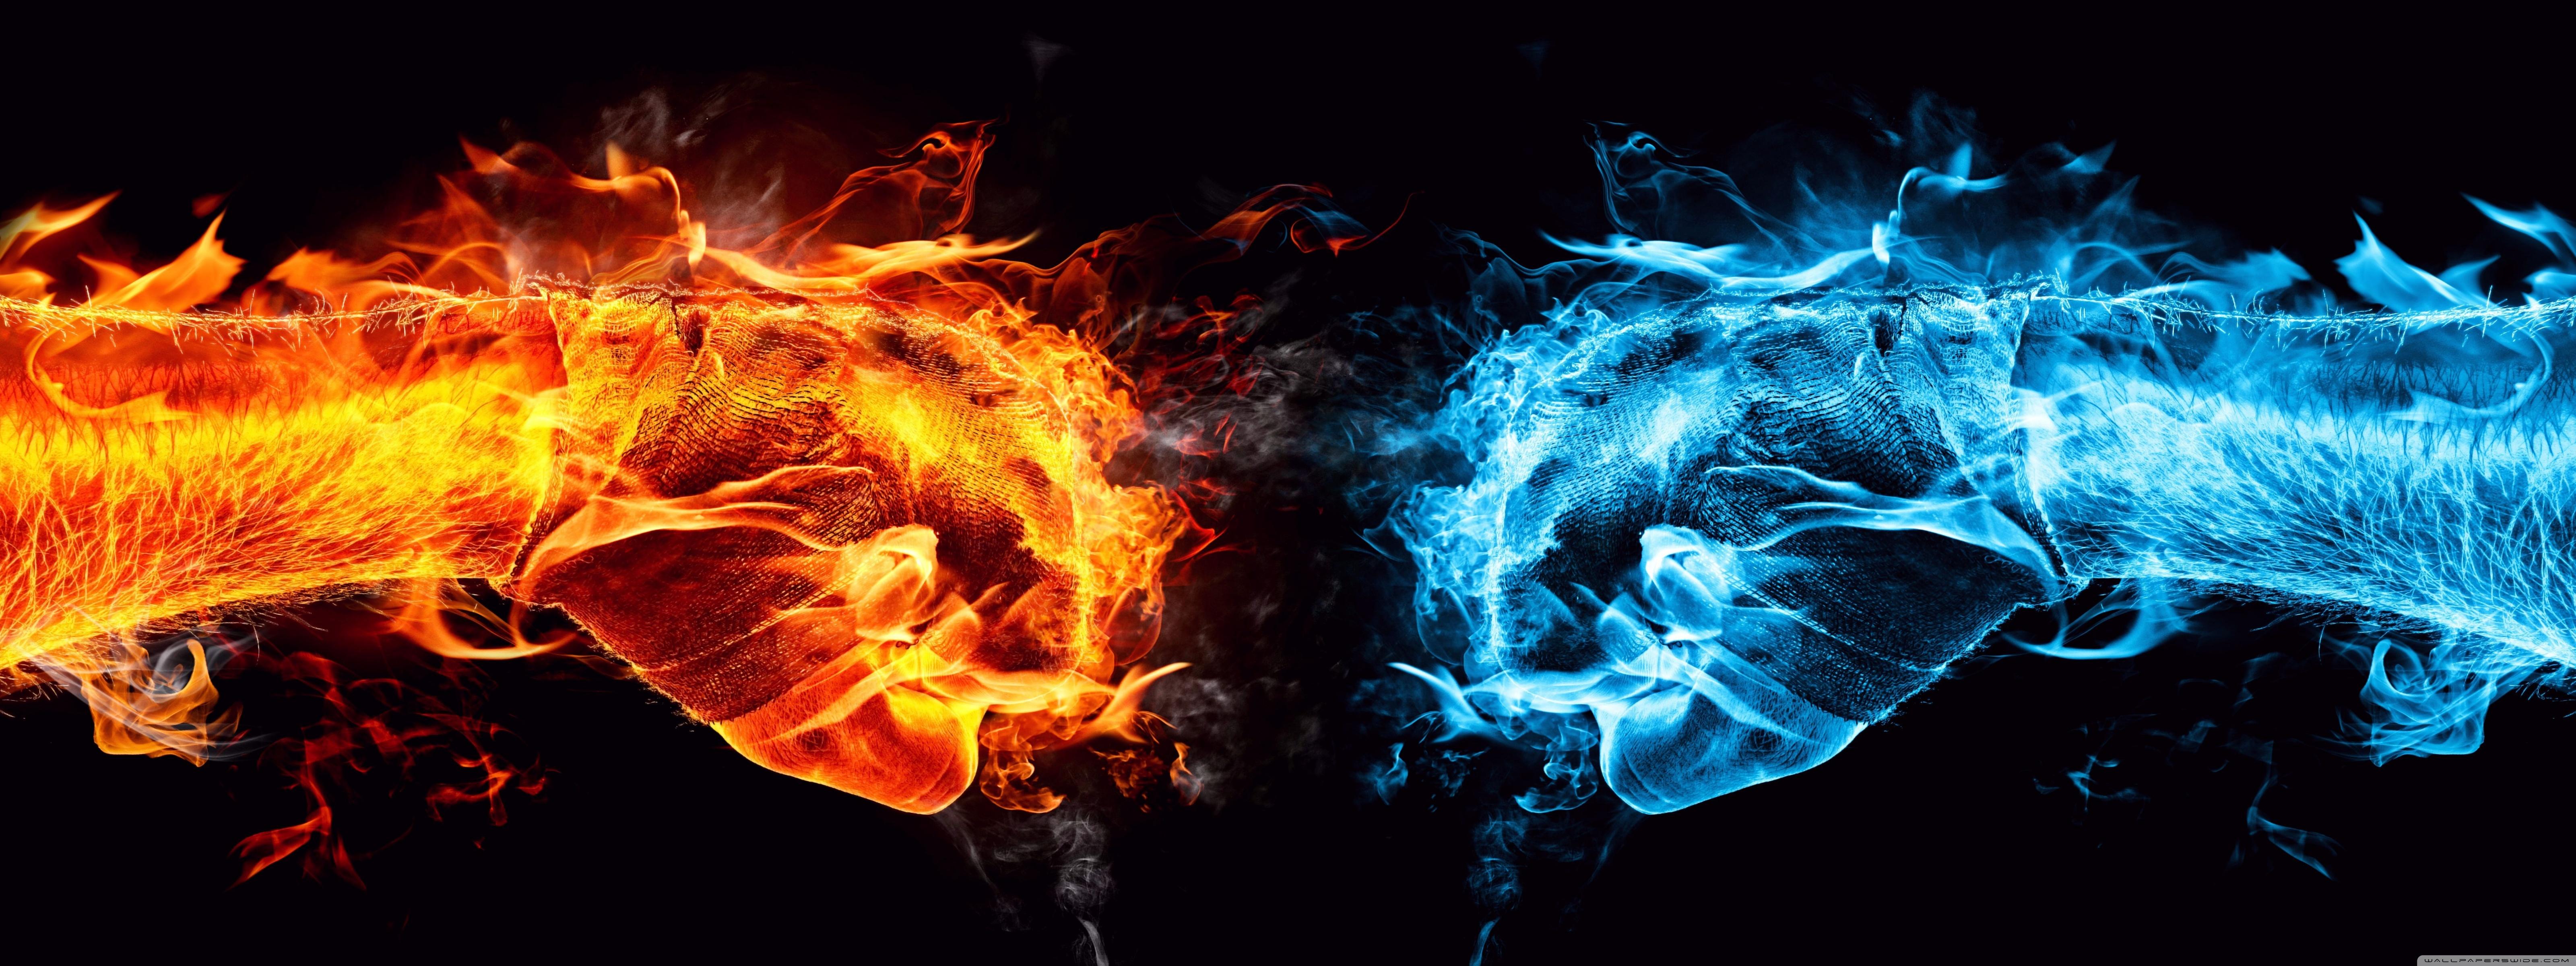 Обои черные пламя на рабочий стол